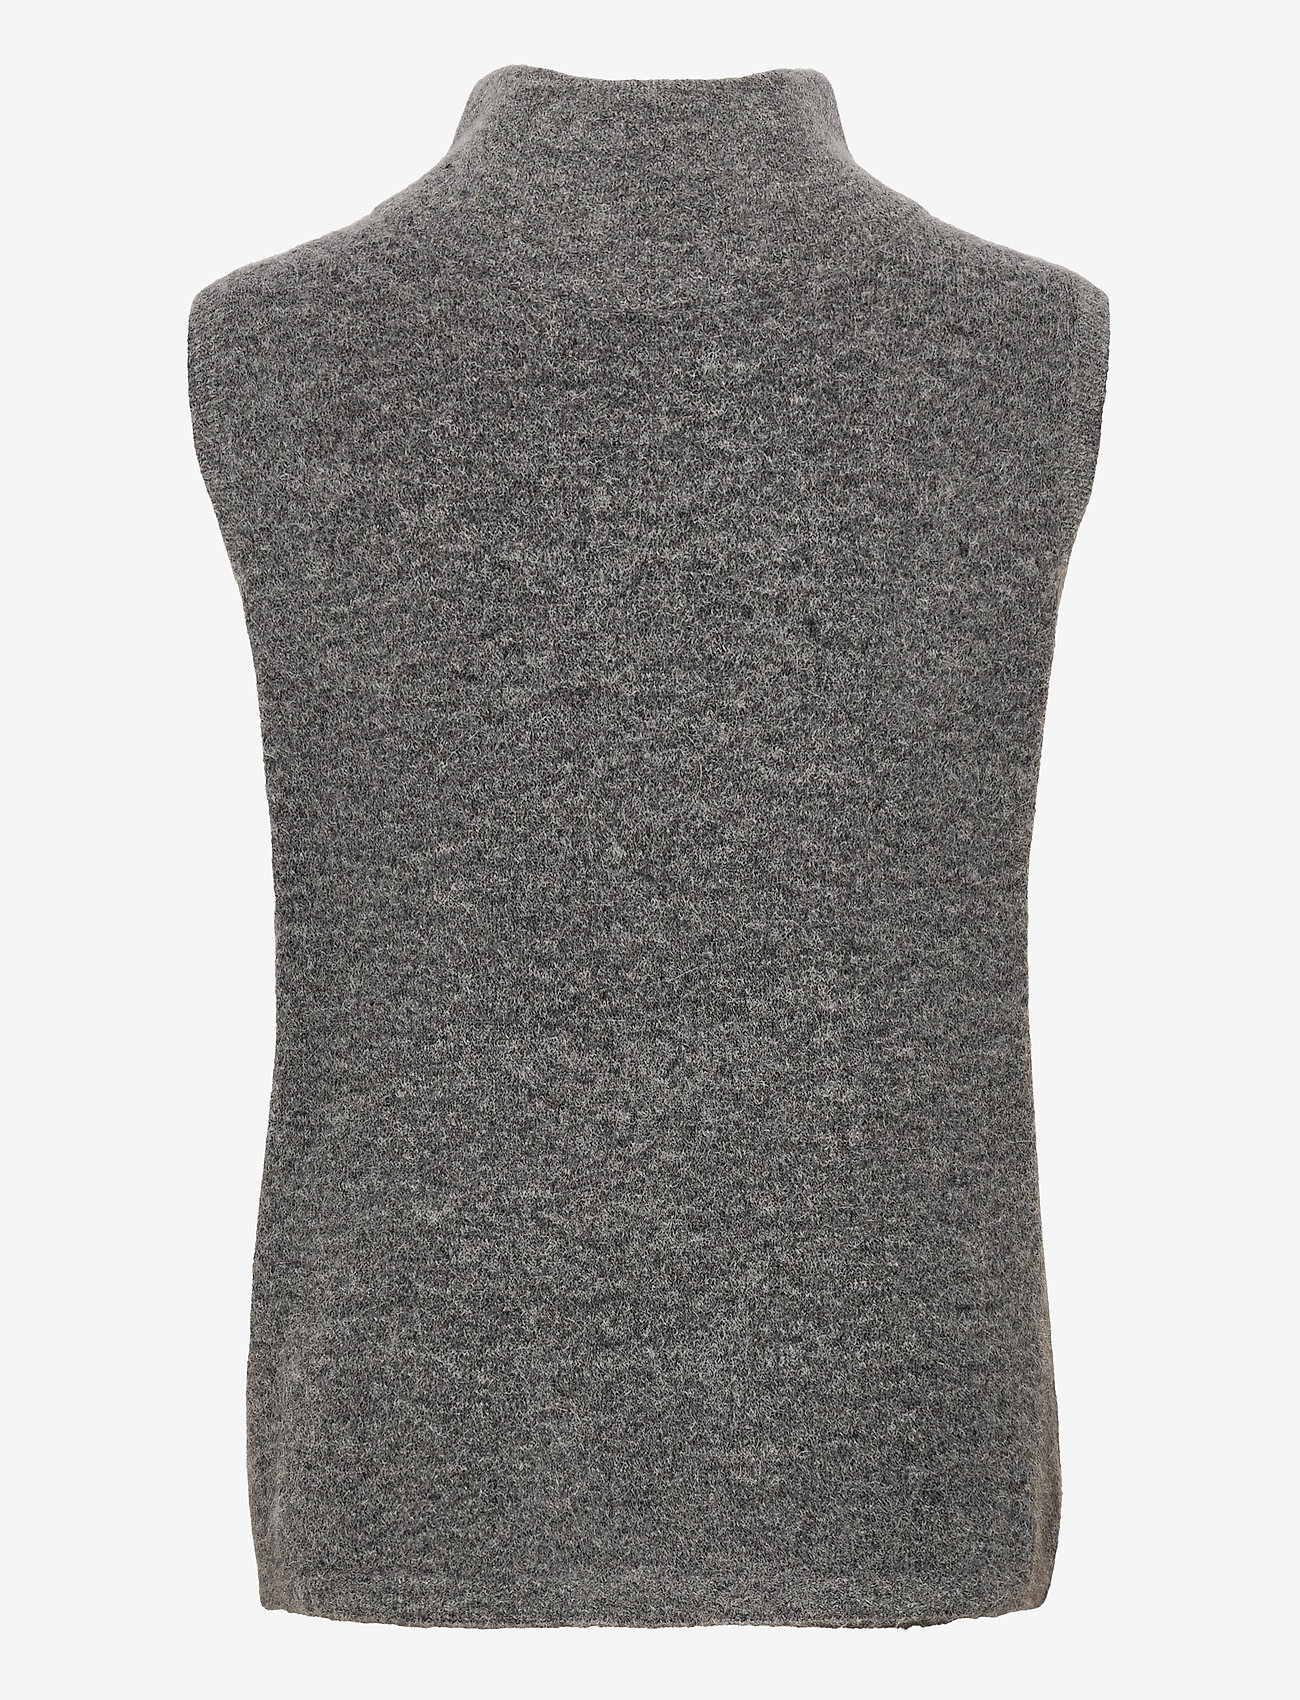 Stylein - ELLI SWEATER - strikkede toppe - grey - 1